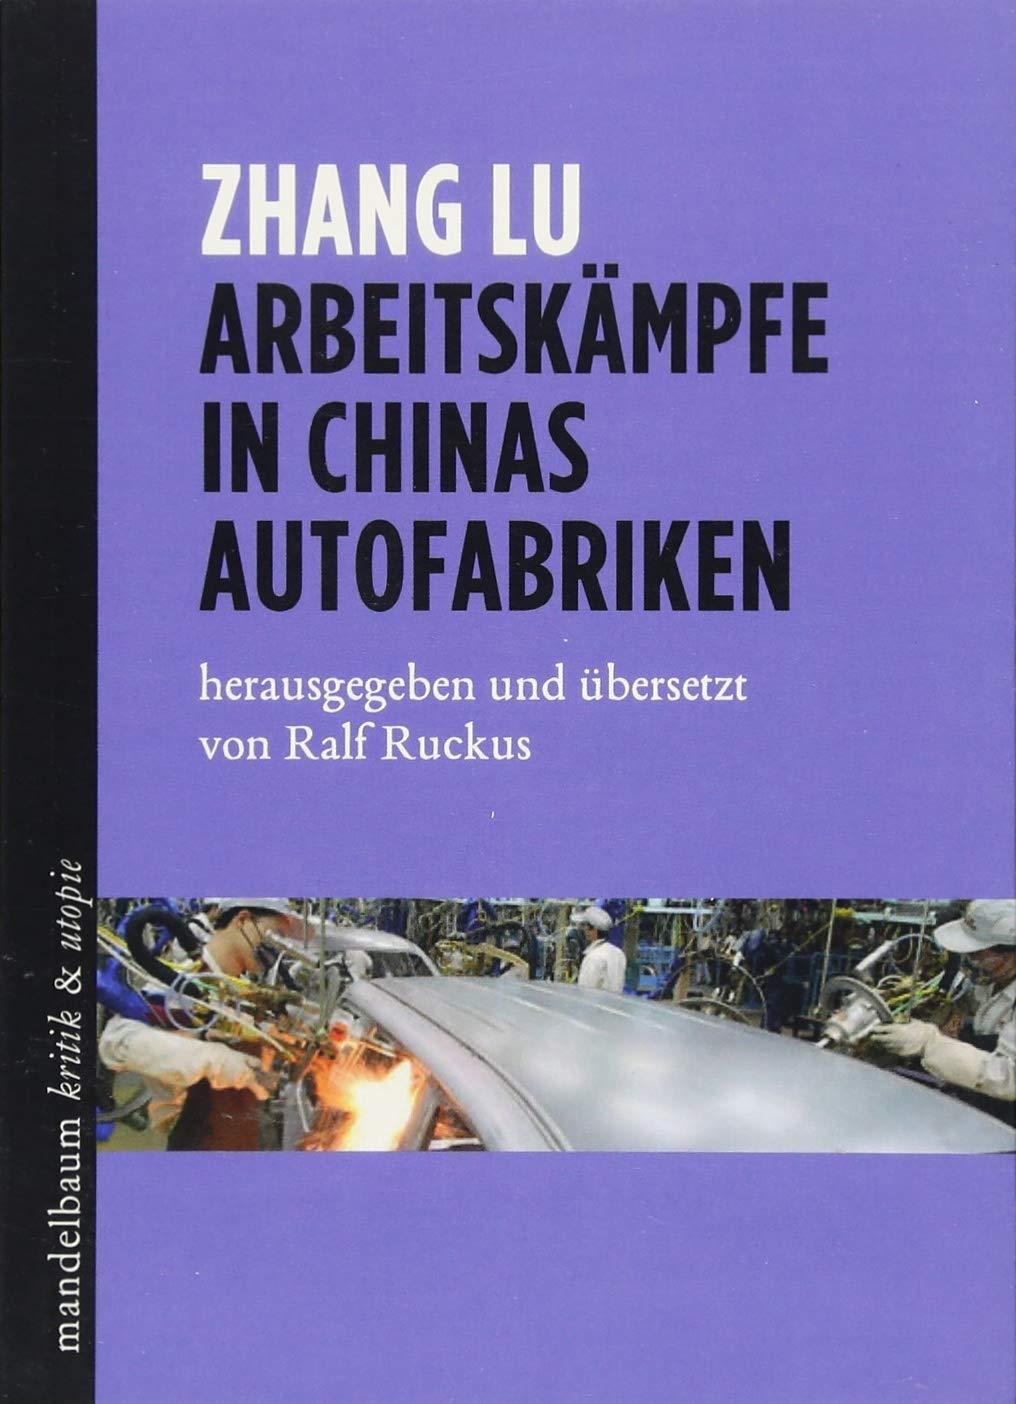 Arbeitskämpfe in Chinas Autofabriken (kritik & utopie) Taschenbuch – 1. März 2018 Ralf Ruckus Lu Zhang Mandelbaum 3854766734